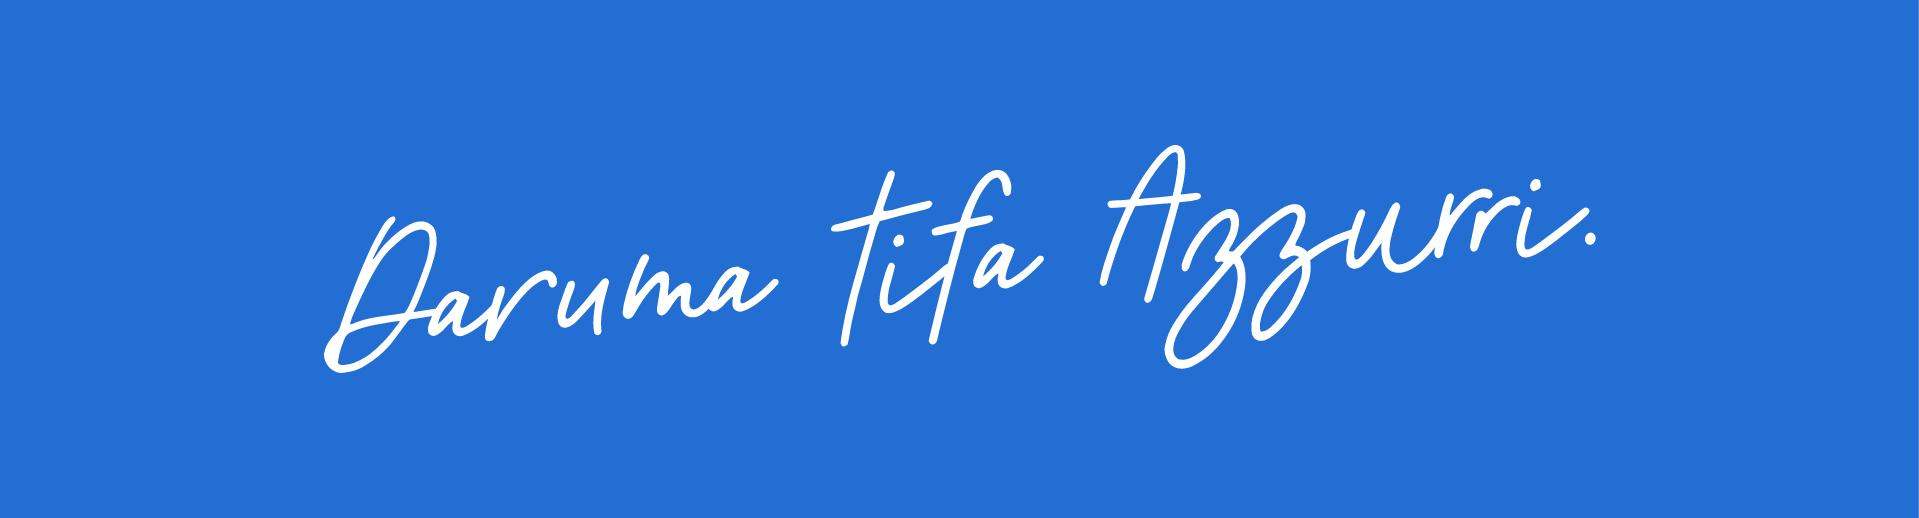 Daruma Tifa Azzurri Header